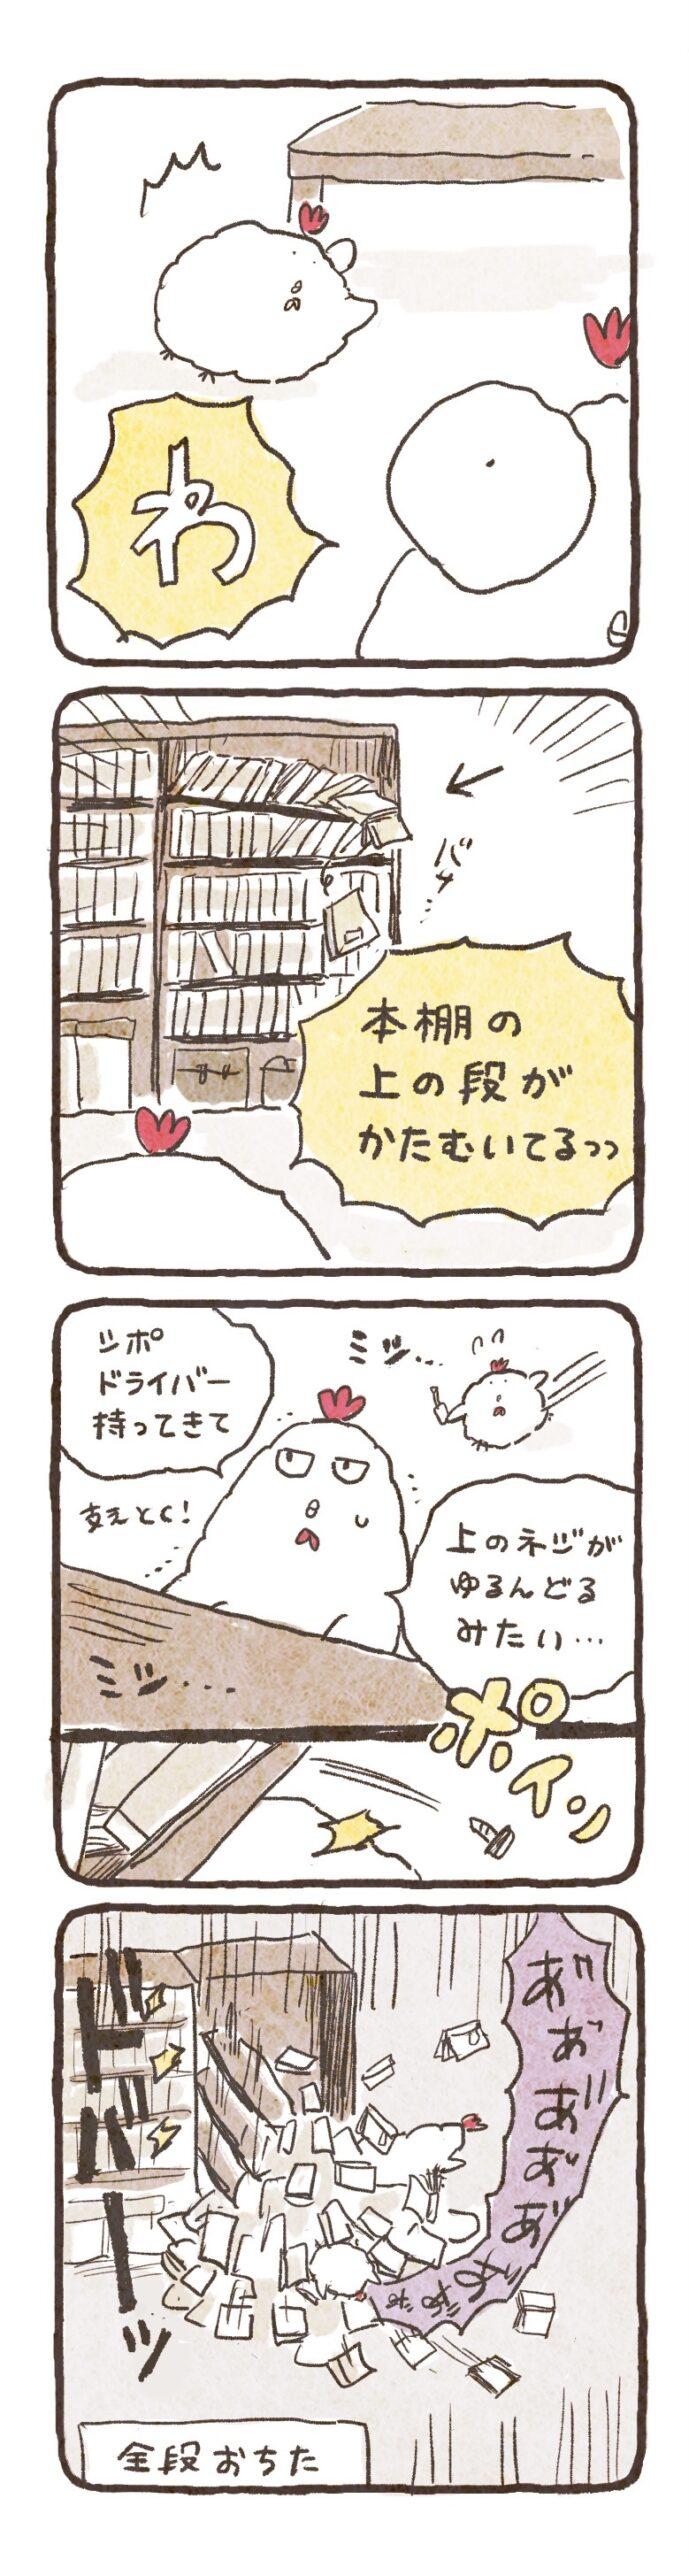 日常漫画_20210708_2